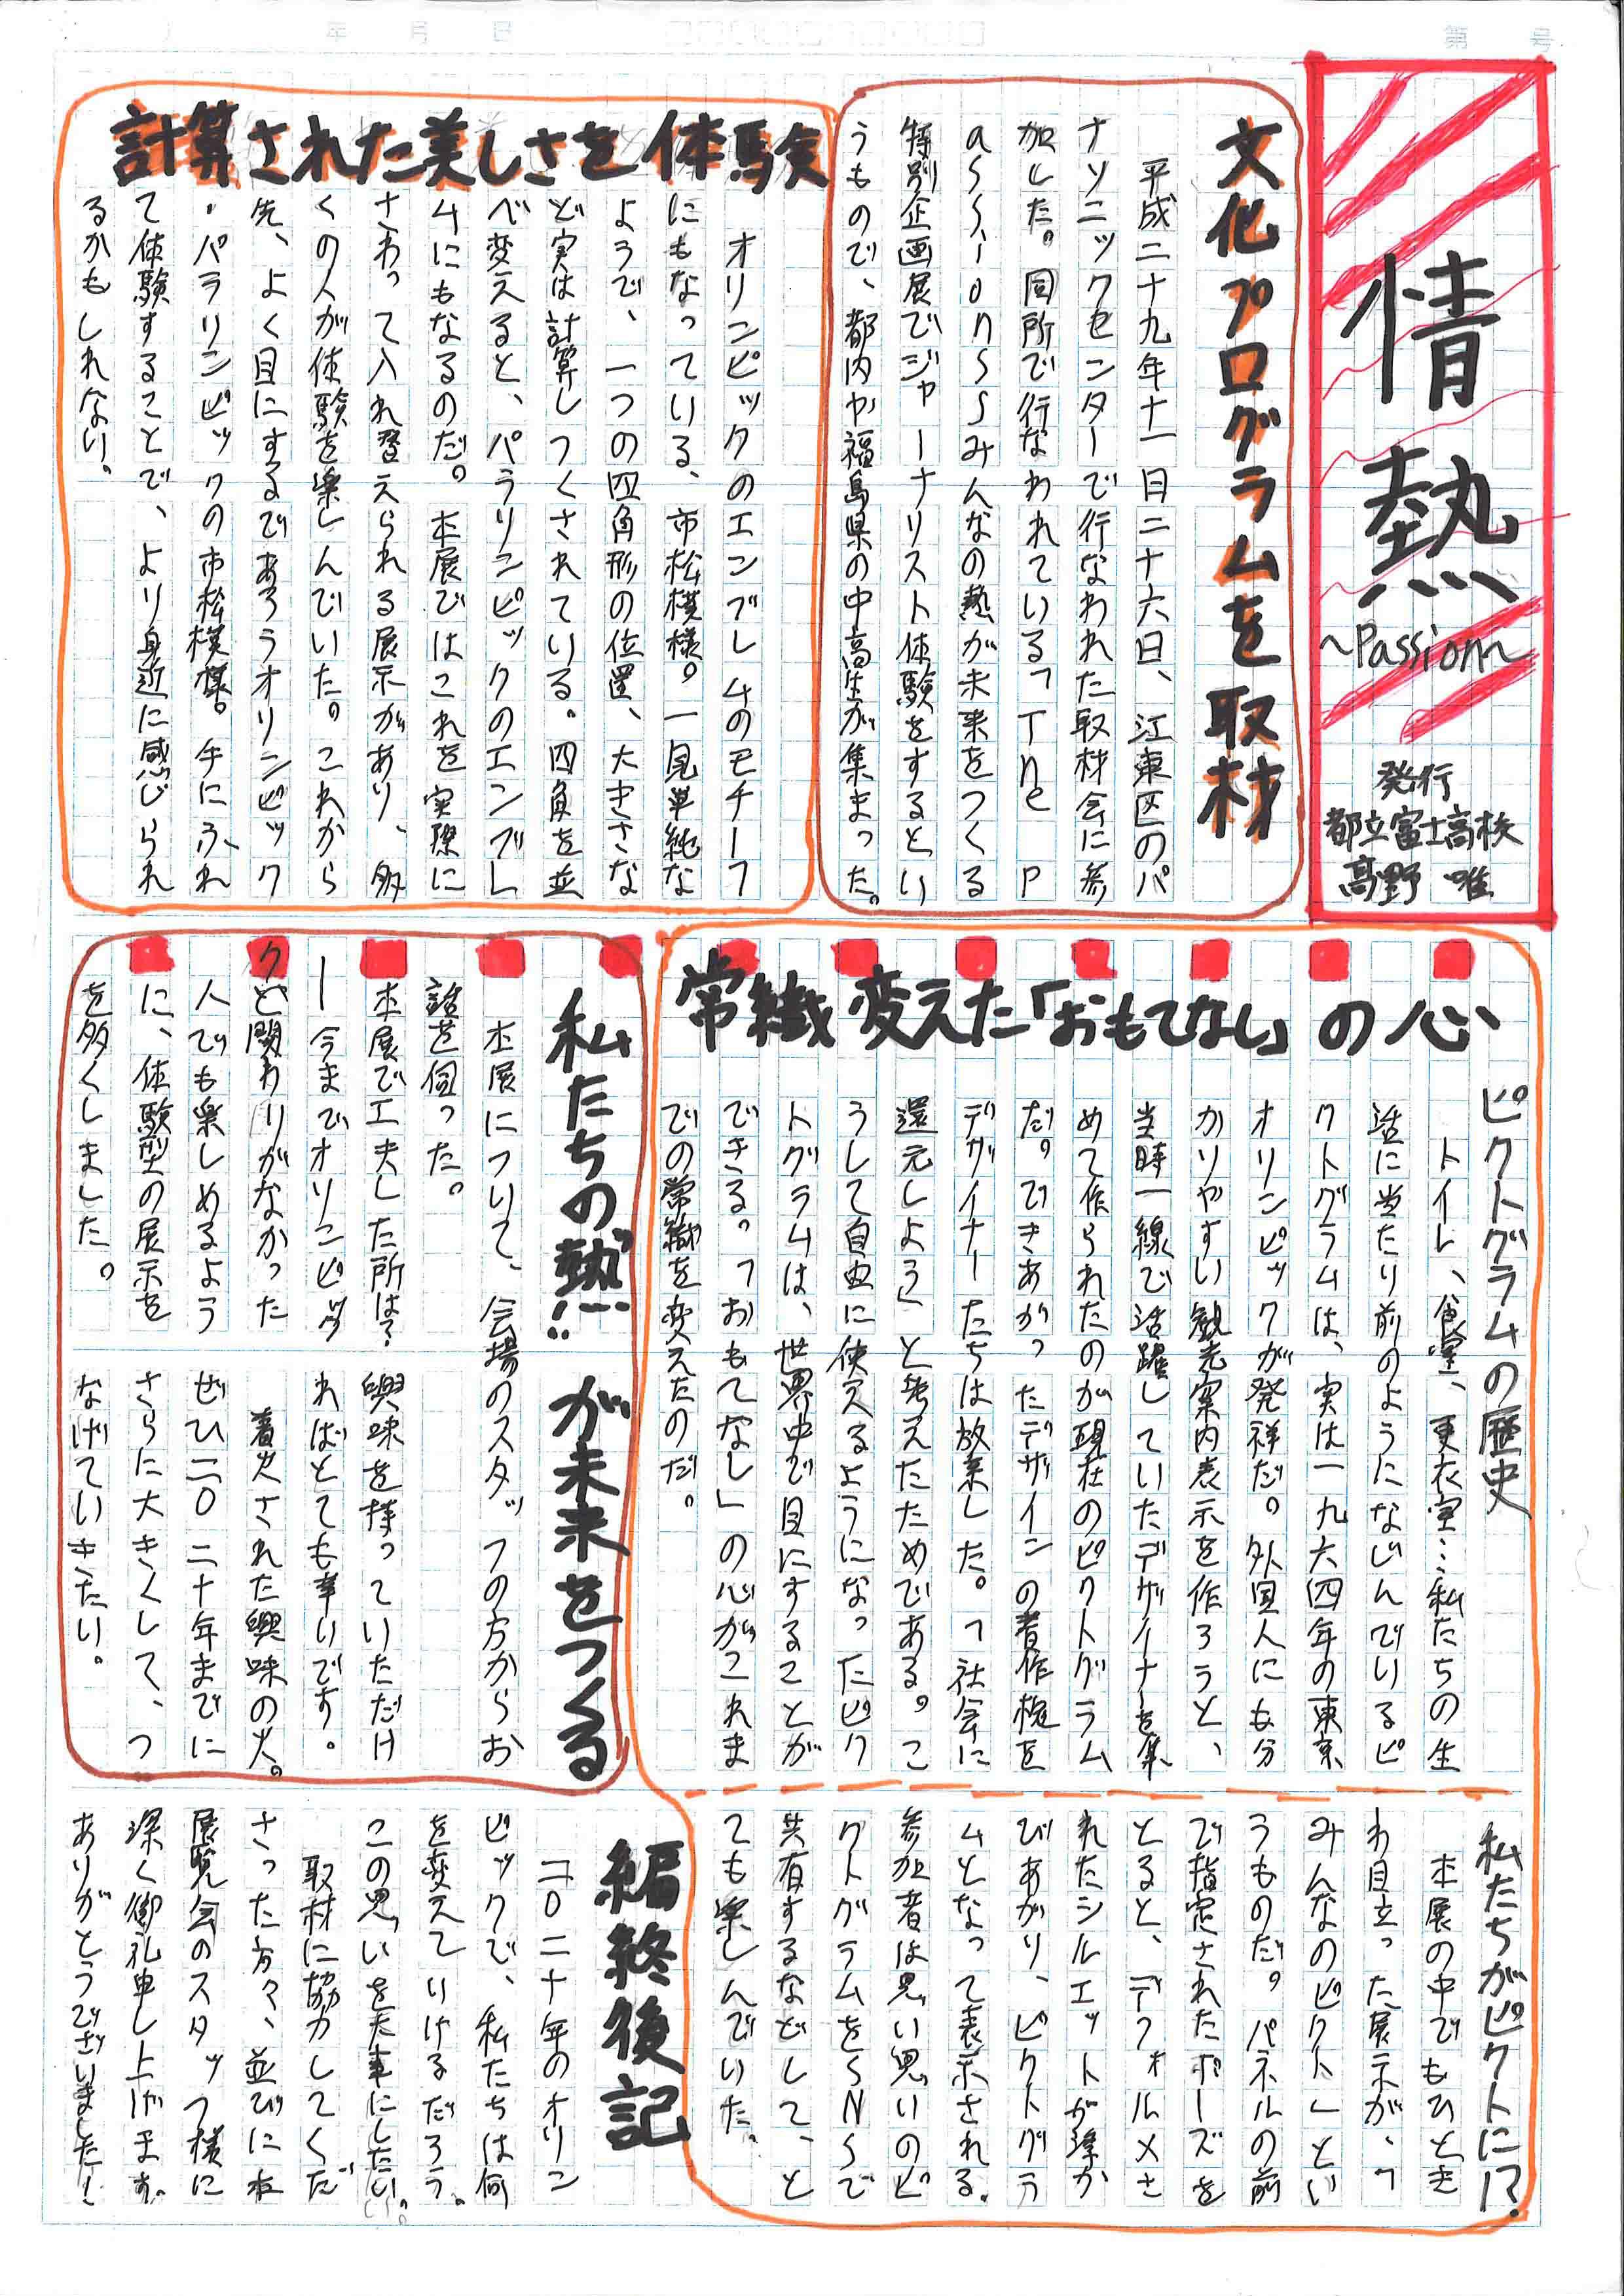 http://bunp.47news.jp/event/images/e_jonetsu_takano1711.jpg